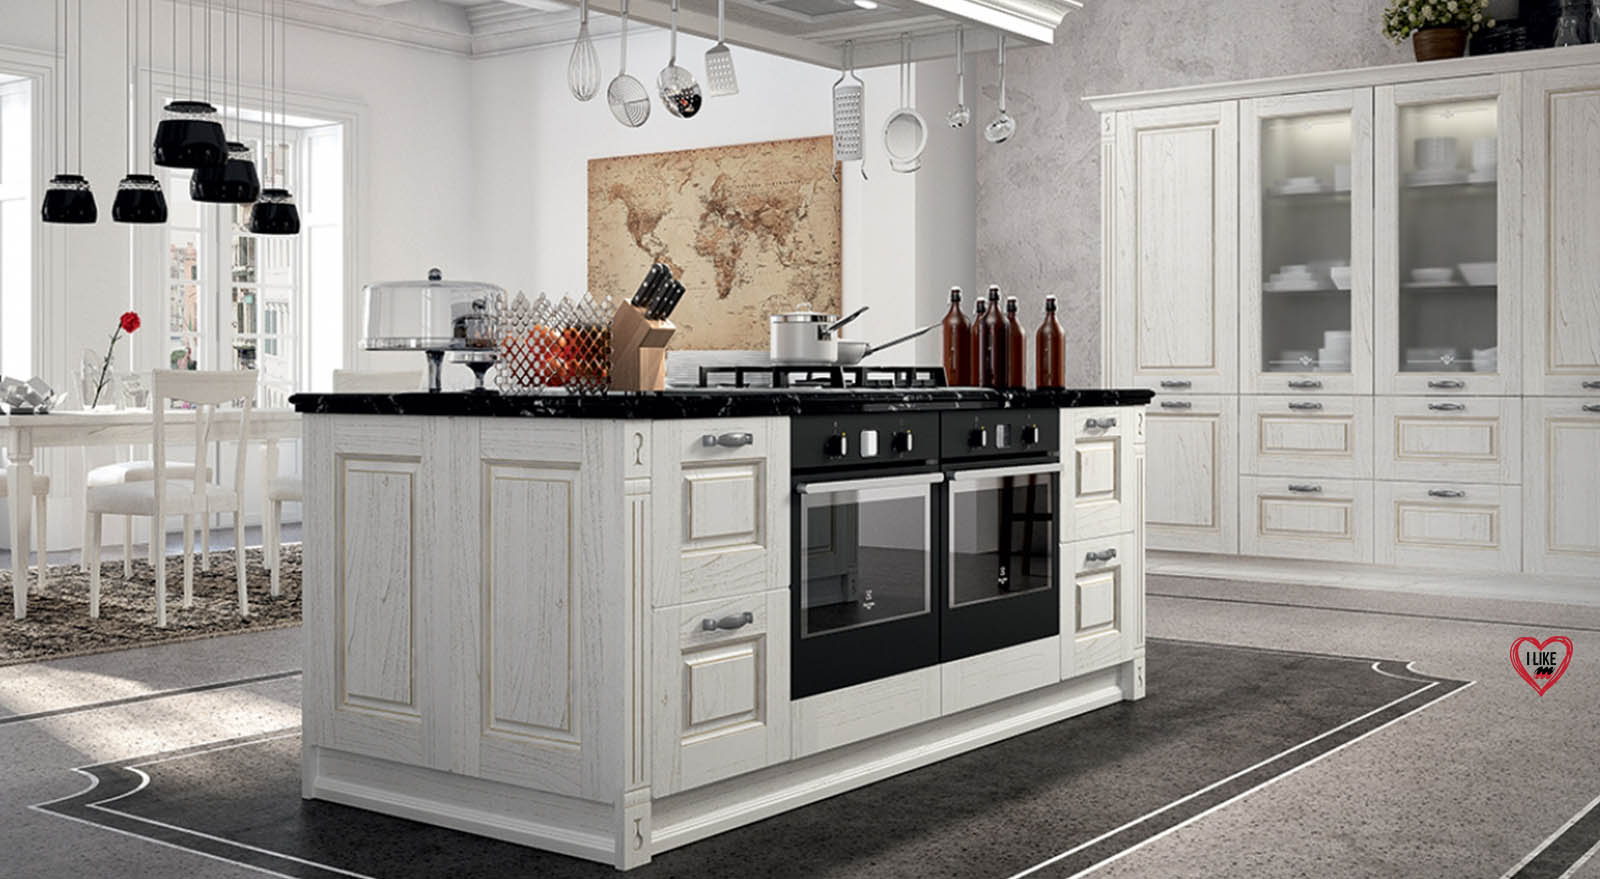 Cucine classiche in legno a padova - Cucine in legno chiaro ...